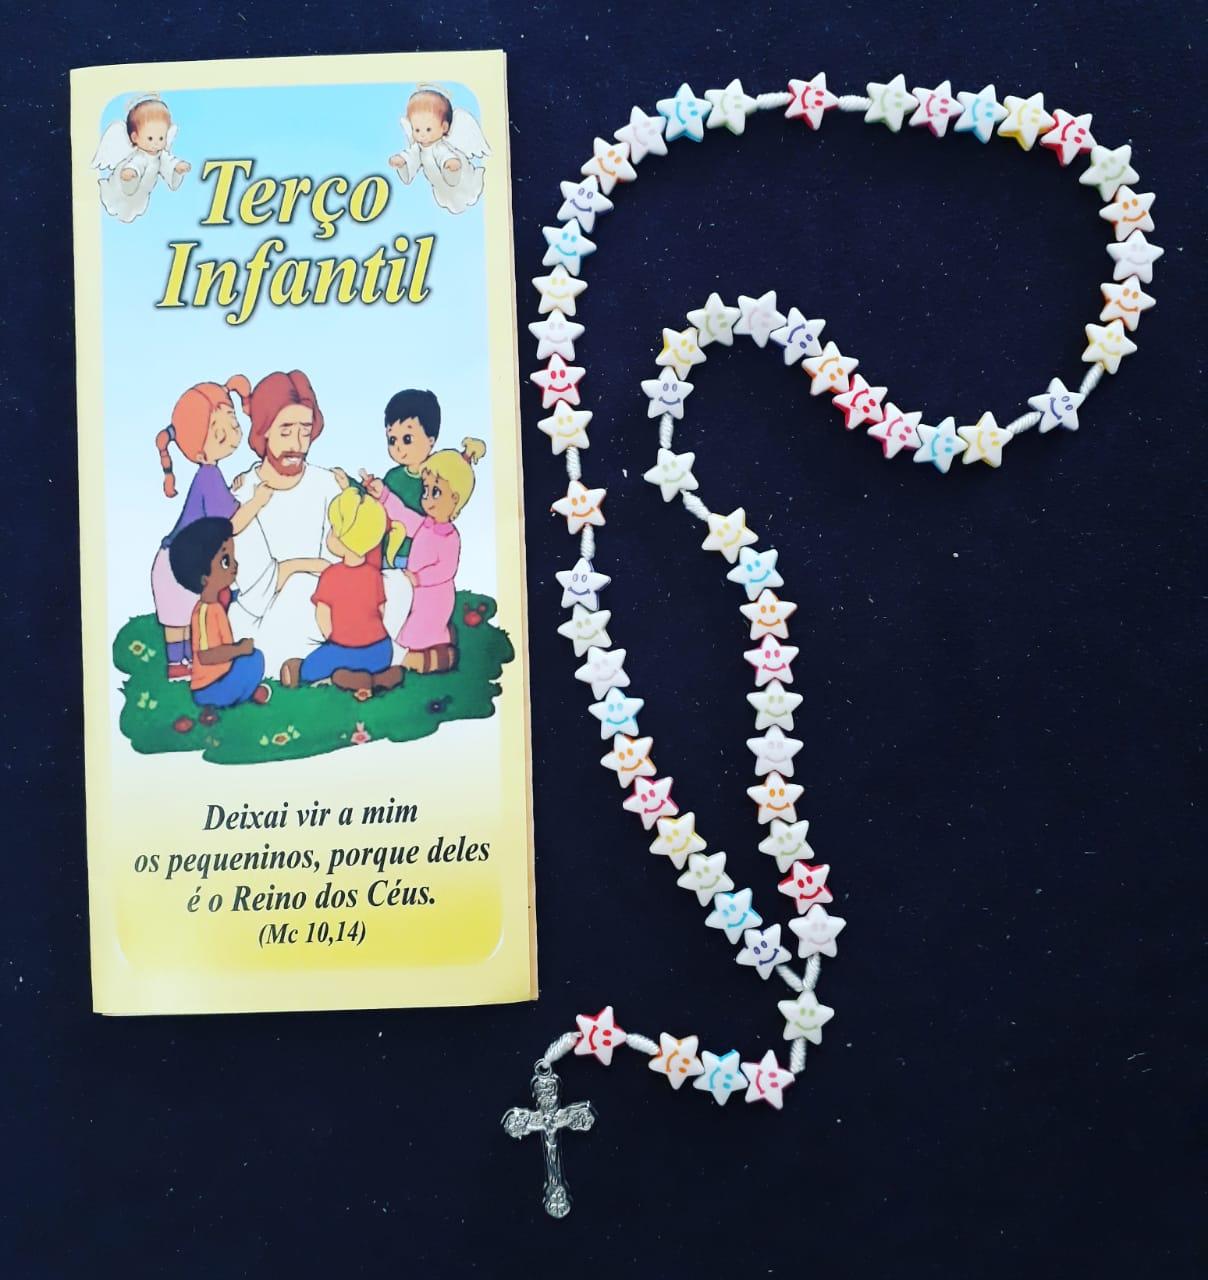 T153 - Terço Infantil Estrela Smile c/ Oração  - VindVedShop - Distribuidora Catolica